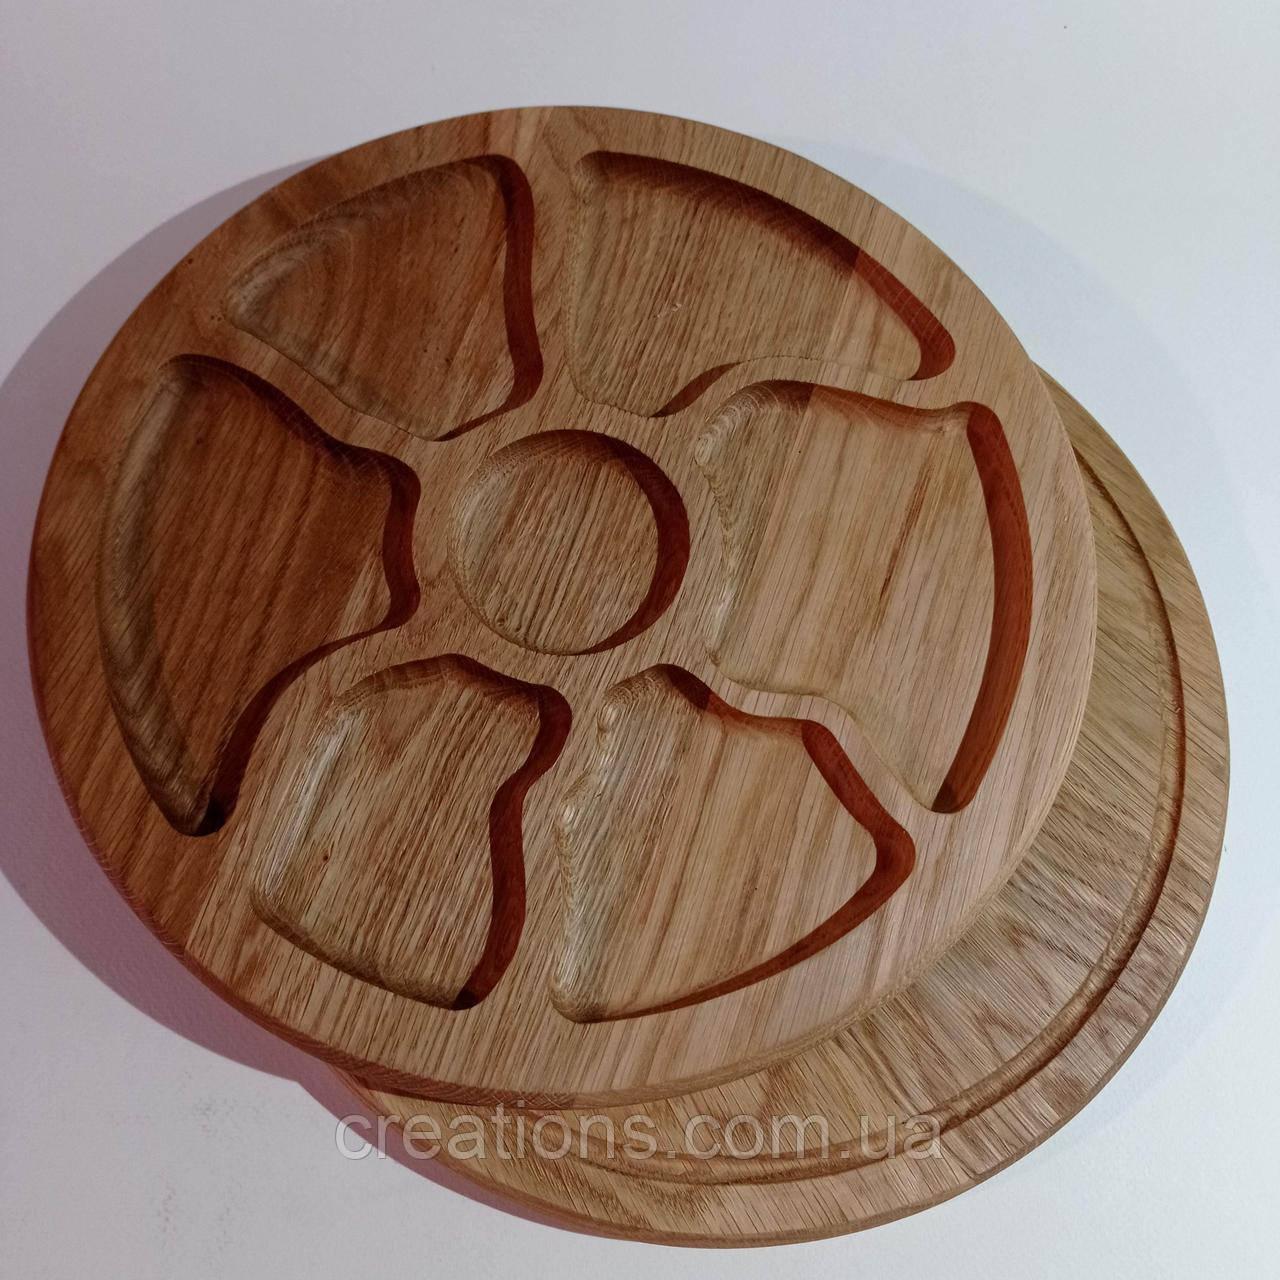 Менажница деревянная доска для подачи блюд 30 см. круглая из дуба на 7 делений, двусторонняя